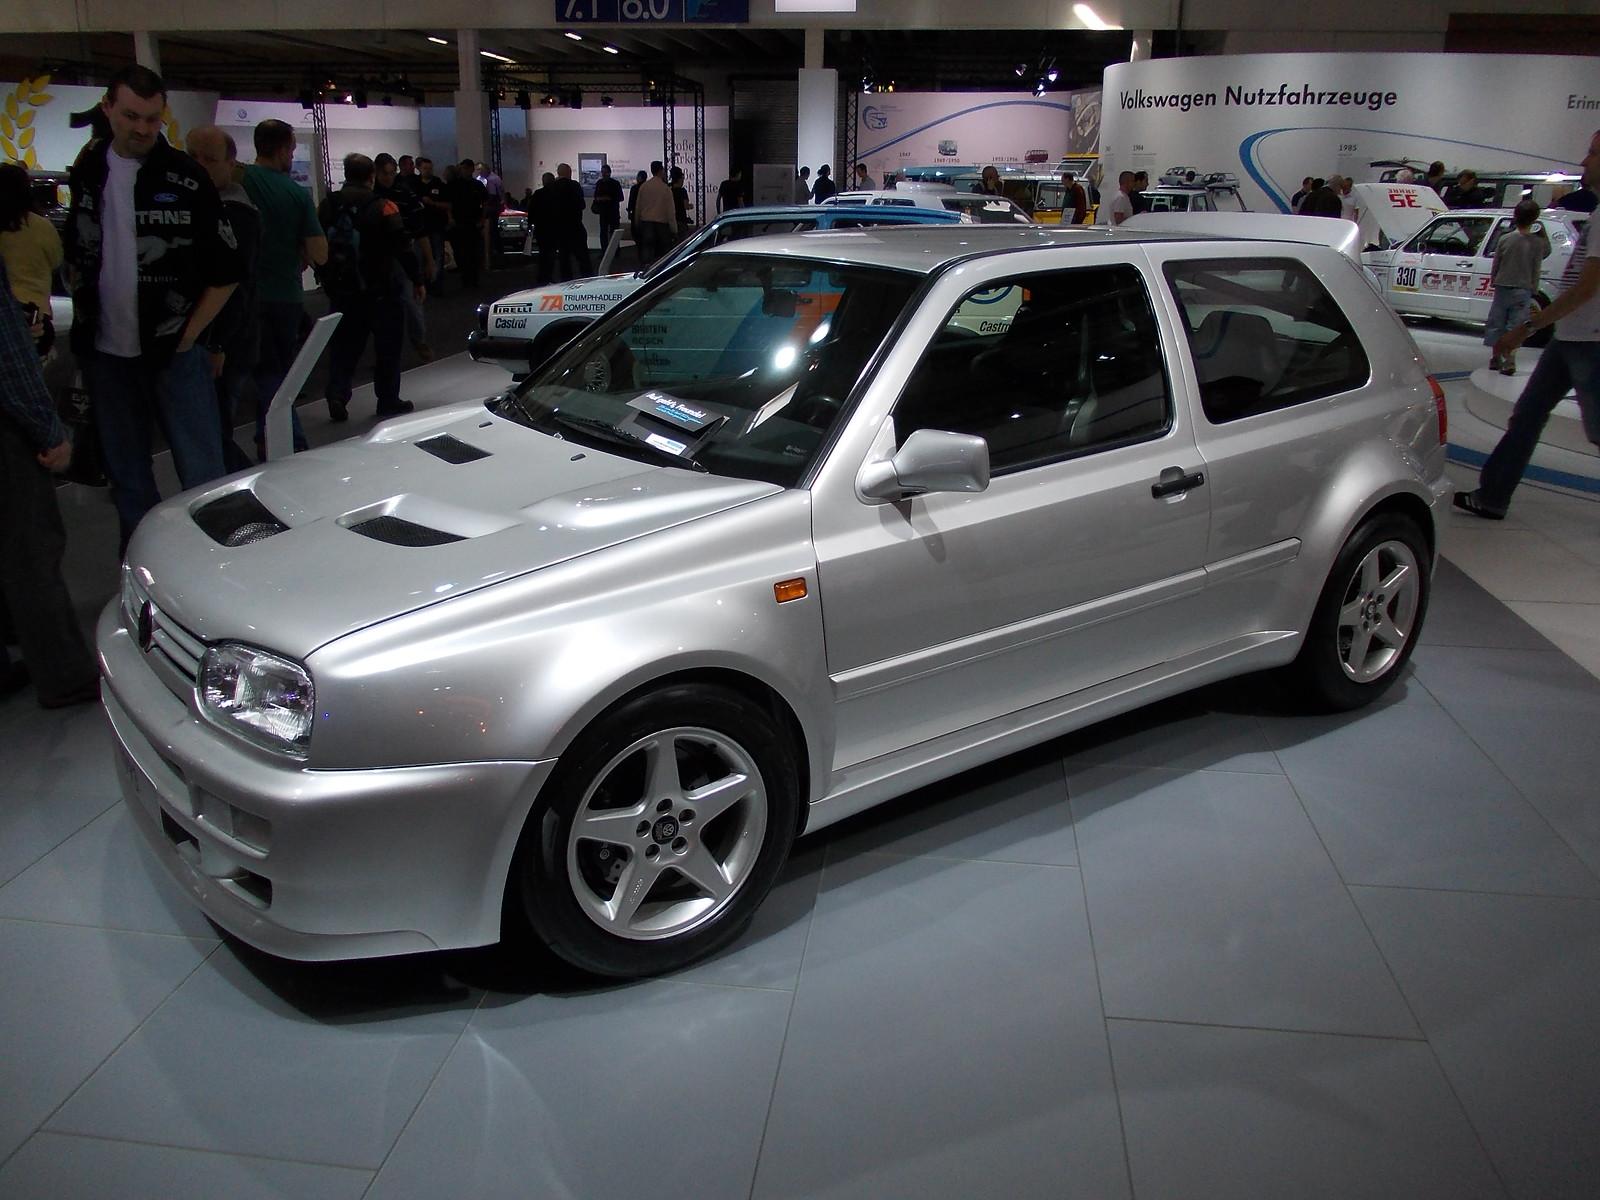 VW Golf III A59 Rallye Prototype 1993 -1-